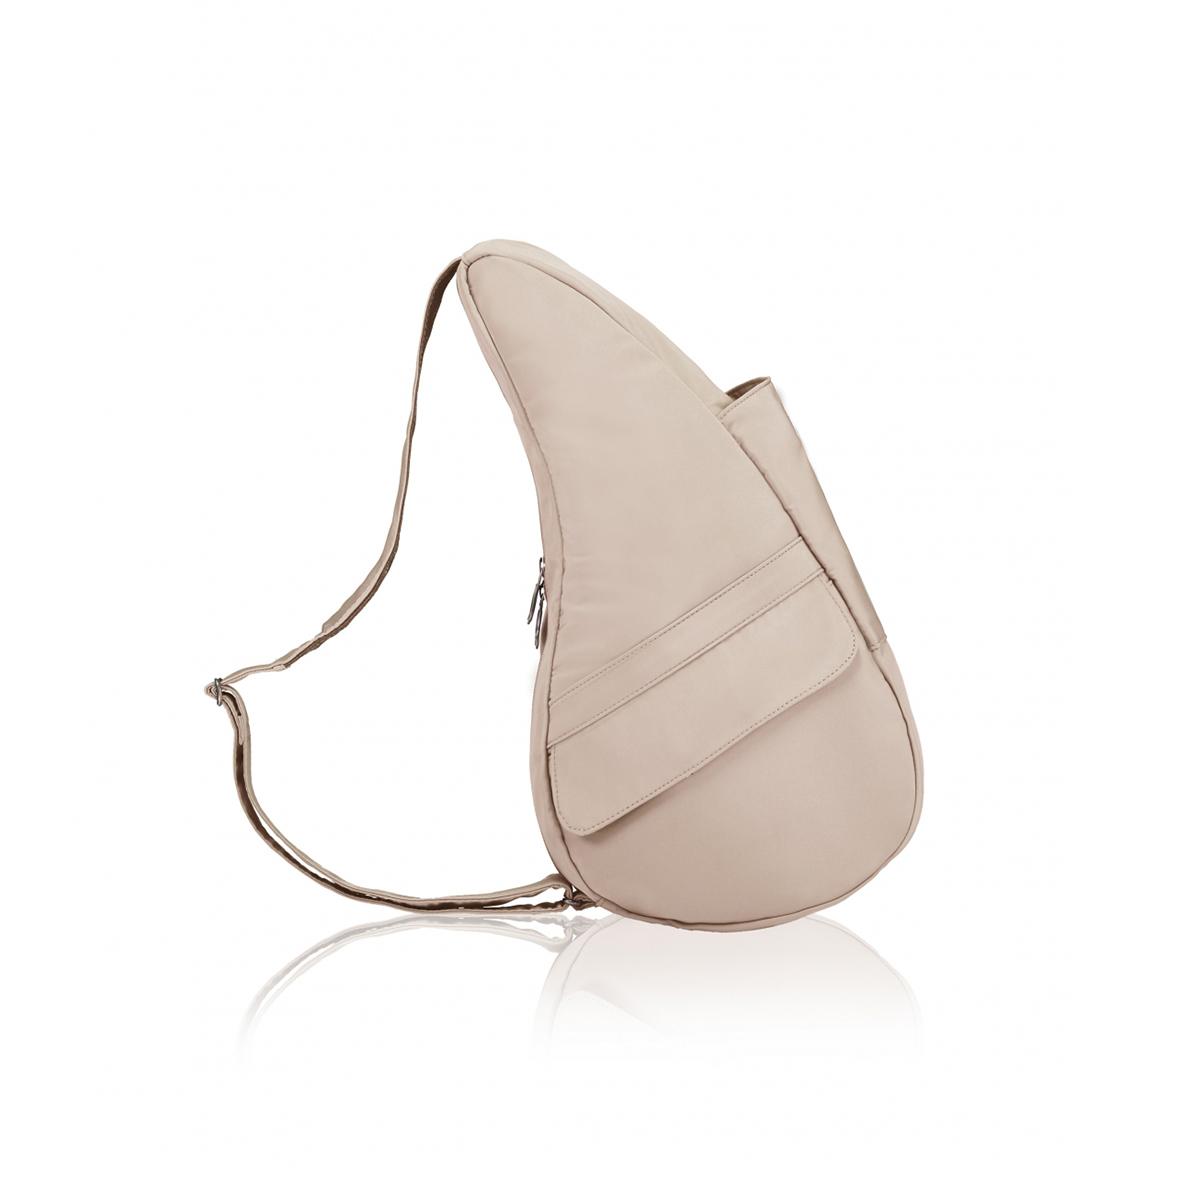 Healthy Back Bag/ヘルシーバックバッグ/ショルダーバッグ/ボディバッグ/旅行バッグ/軽量/レディース/メンズ 《限定ポーチ付》 公式ストア ヘルシーバックバッグ マイクロファイバー Sサイズ サンドストーン